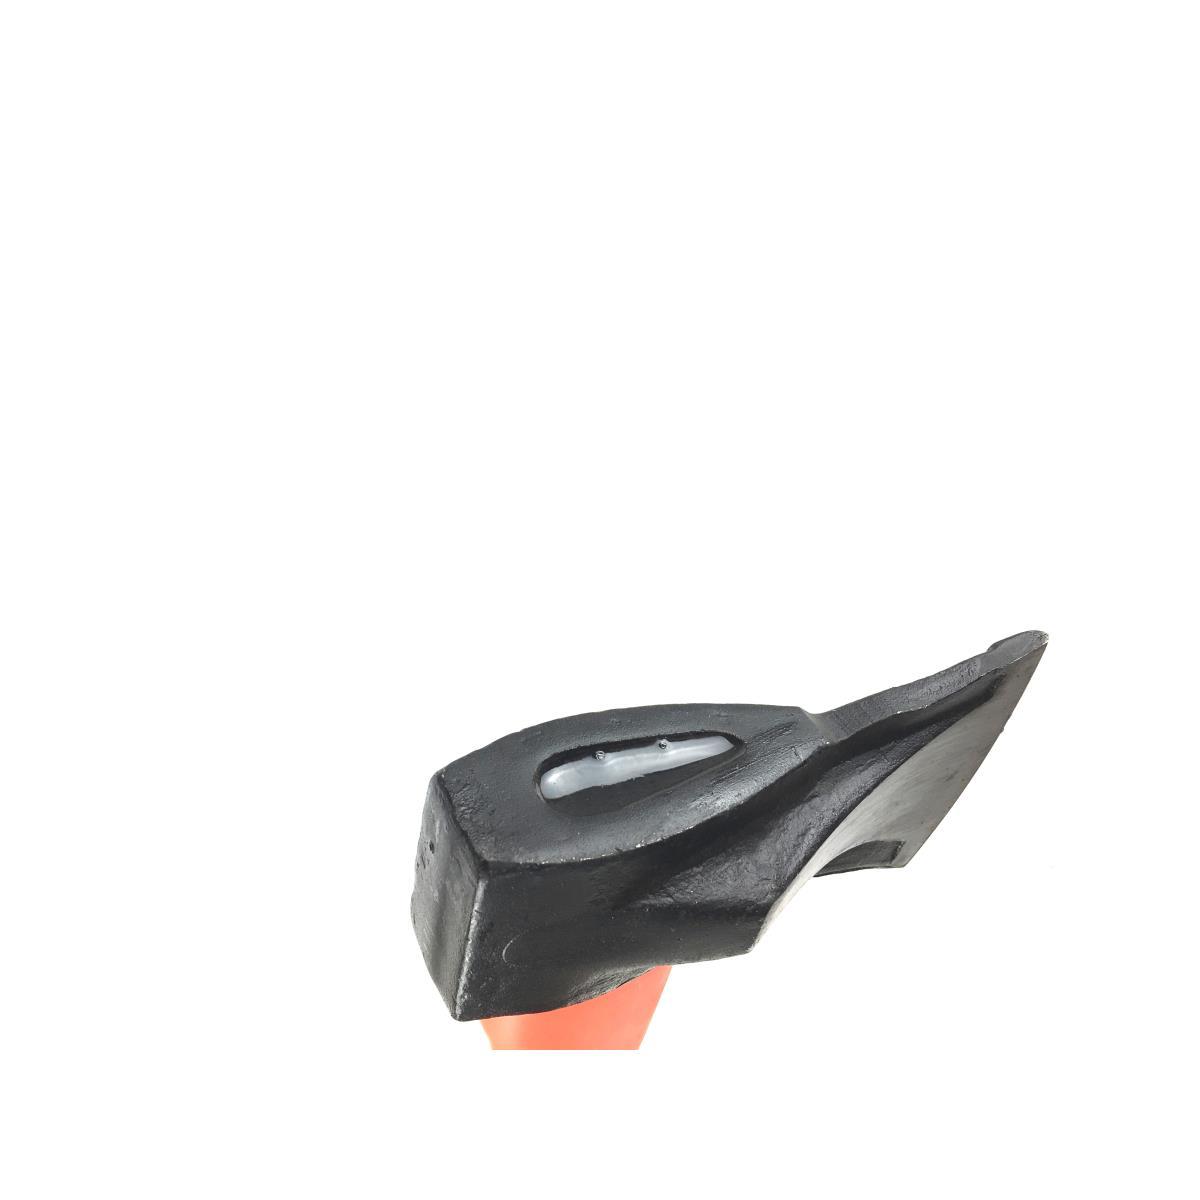 Spaltaxt  1000 g mit Fiberglasstiel Beil  Axt Spaltkeil Spaltbeil Spalthammer ,UAB,000051204824, 4772013002918